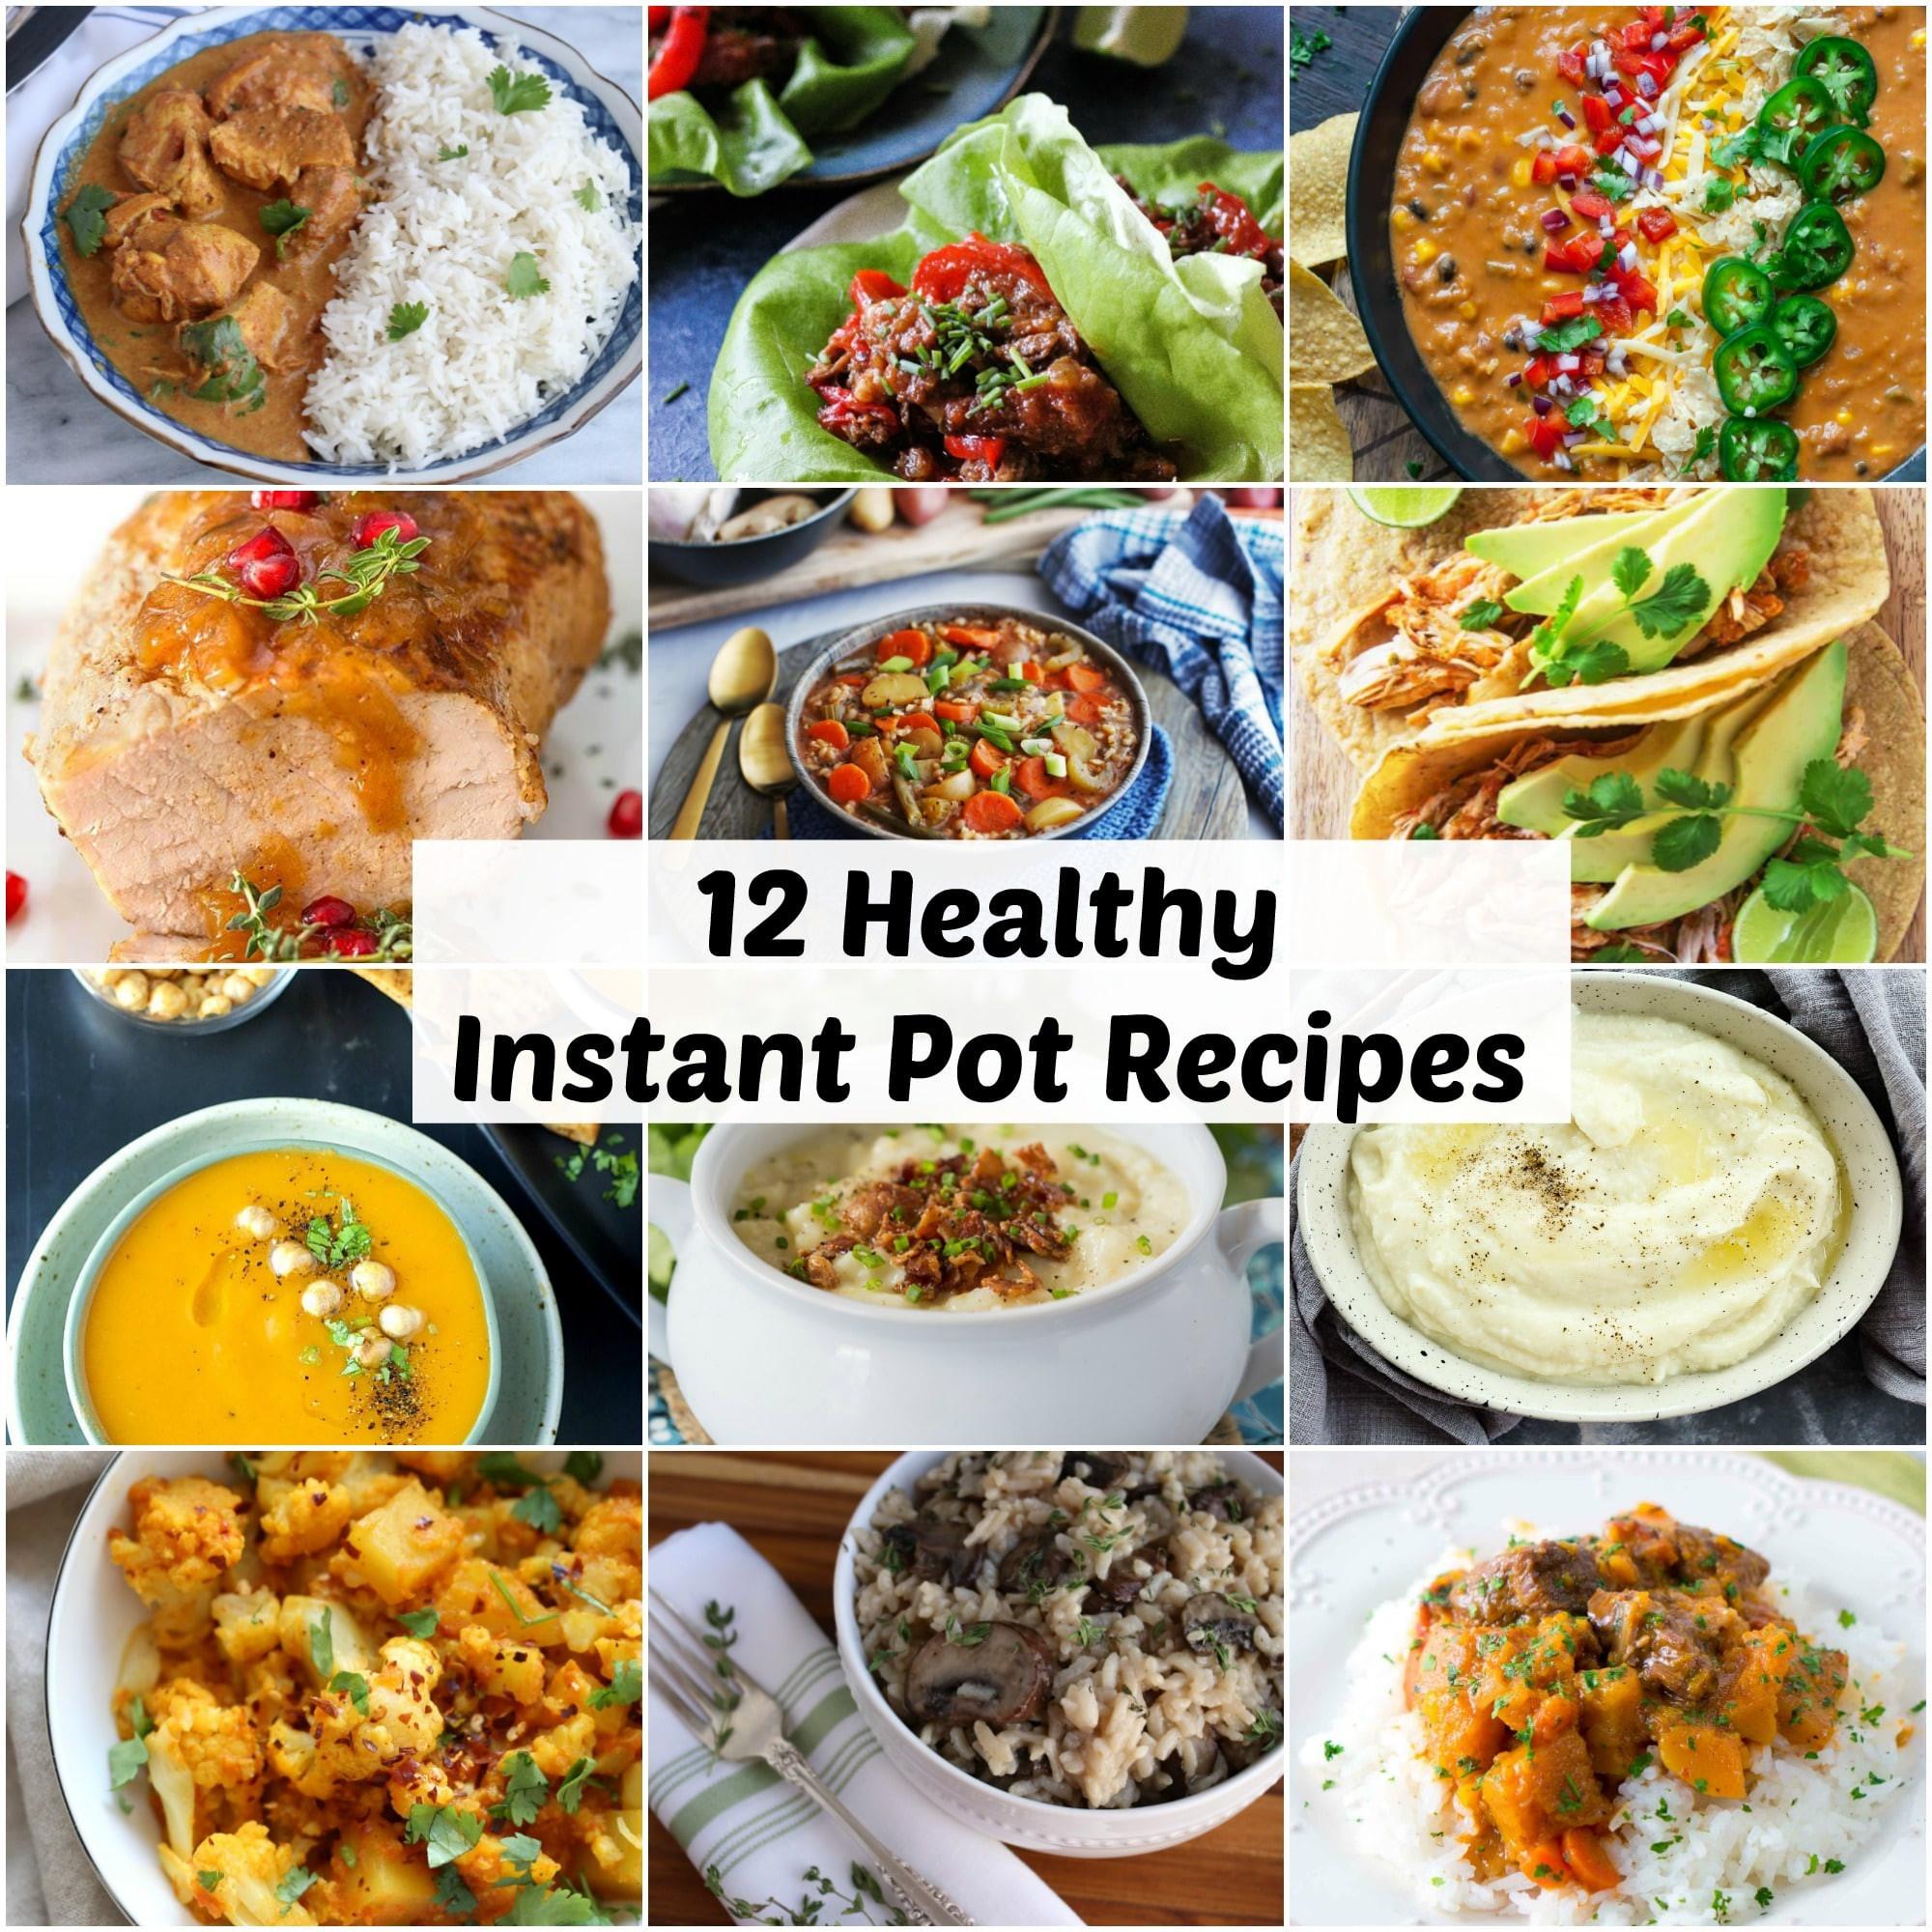 Healthy Instant Pot Recipes  12 Healthy Instant Pot Recipes